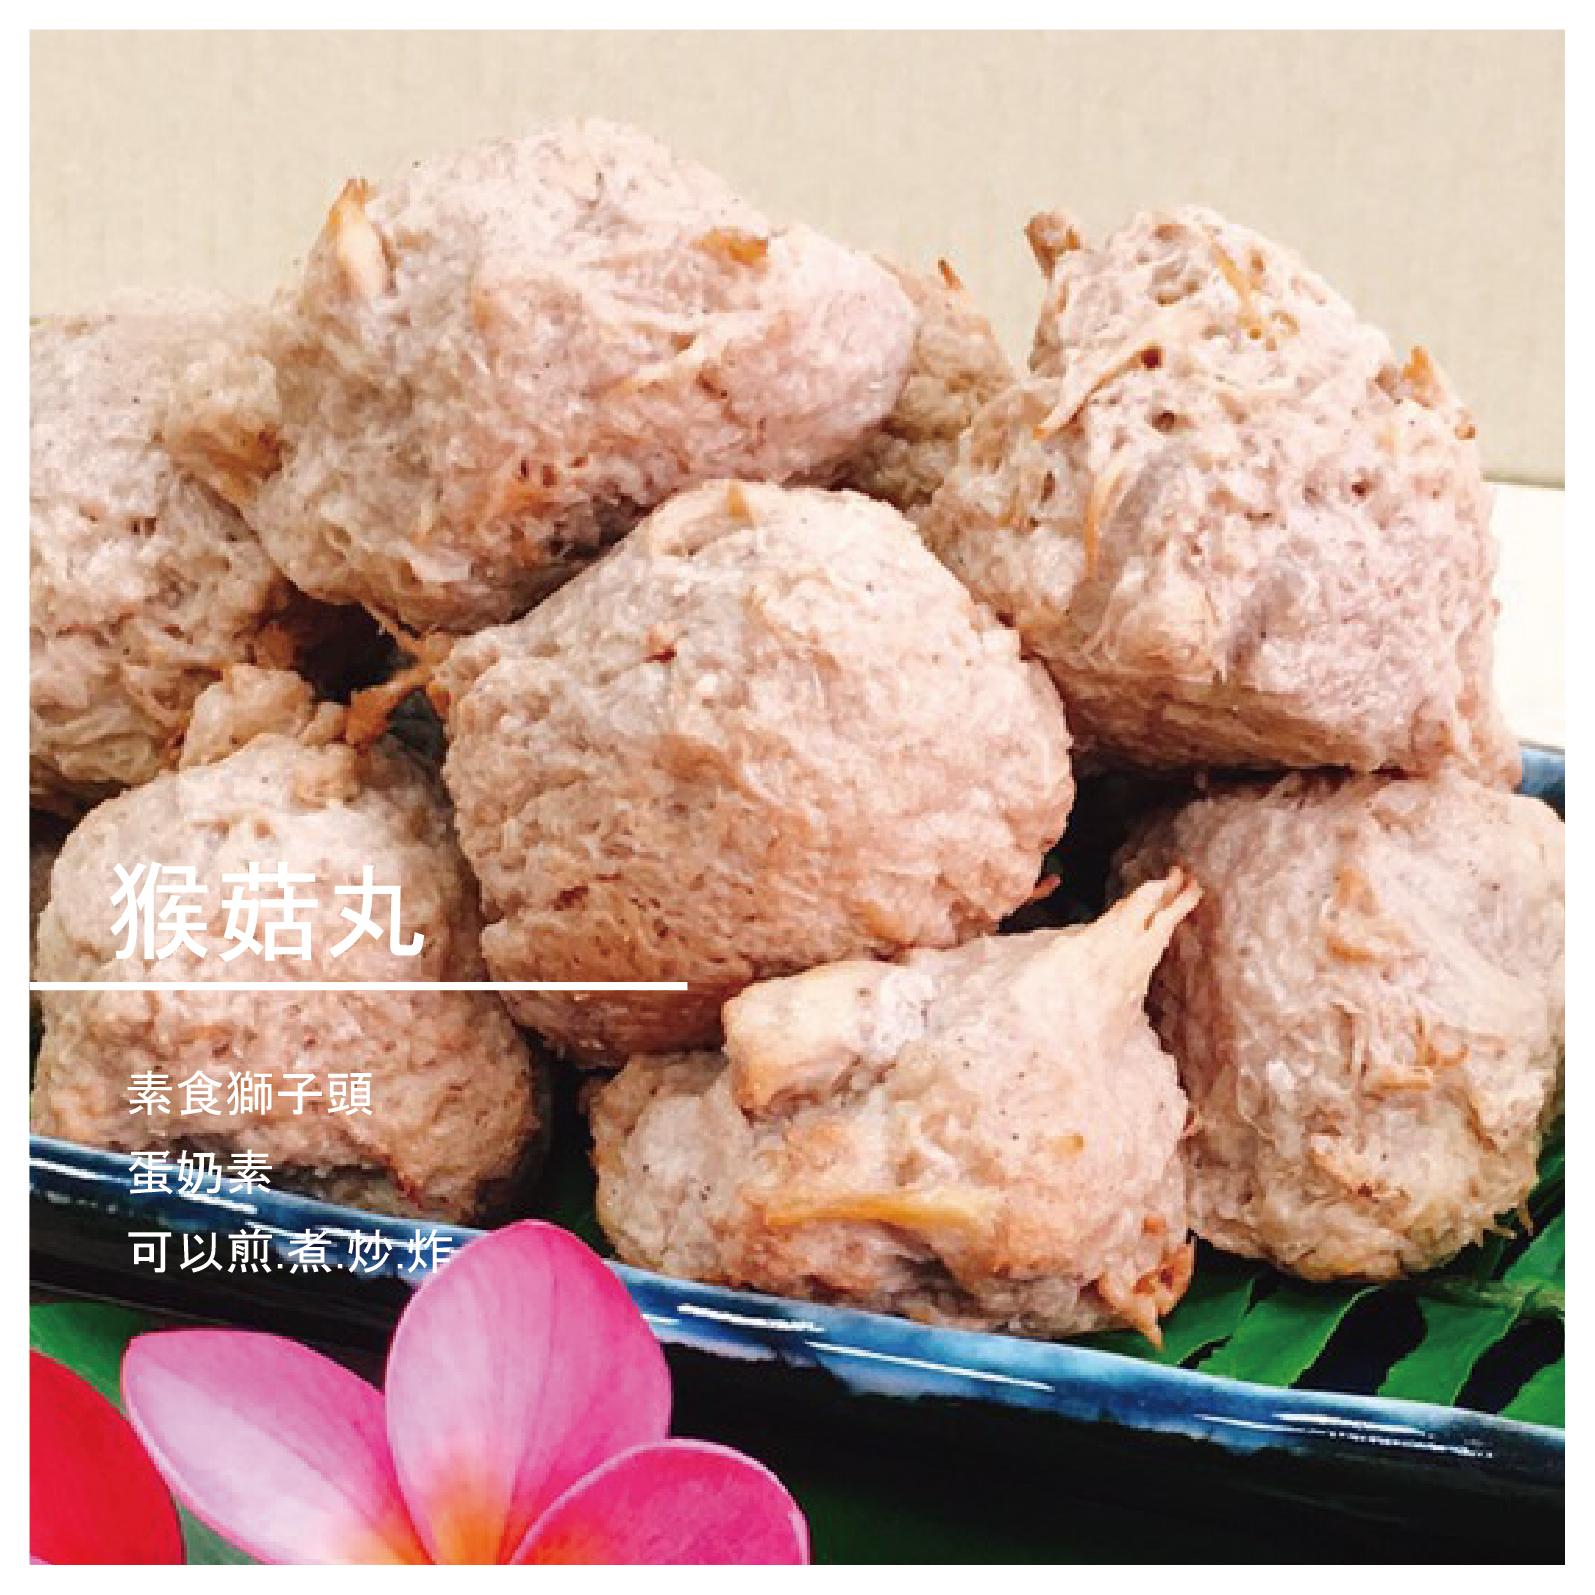 【發宇國際貿易有限公司】猴菇丸/包/600g (蛋奶素)